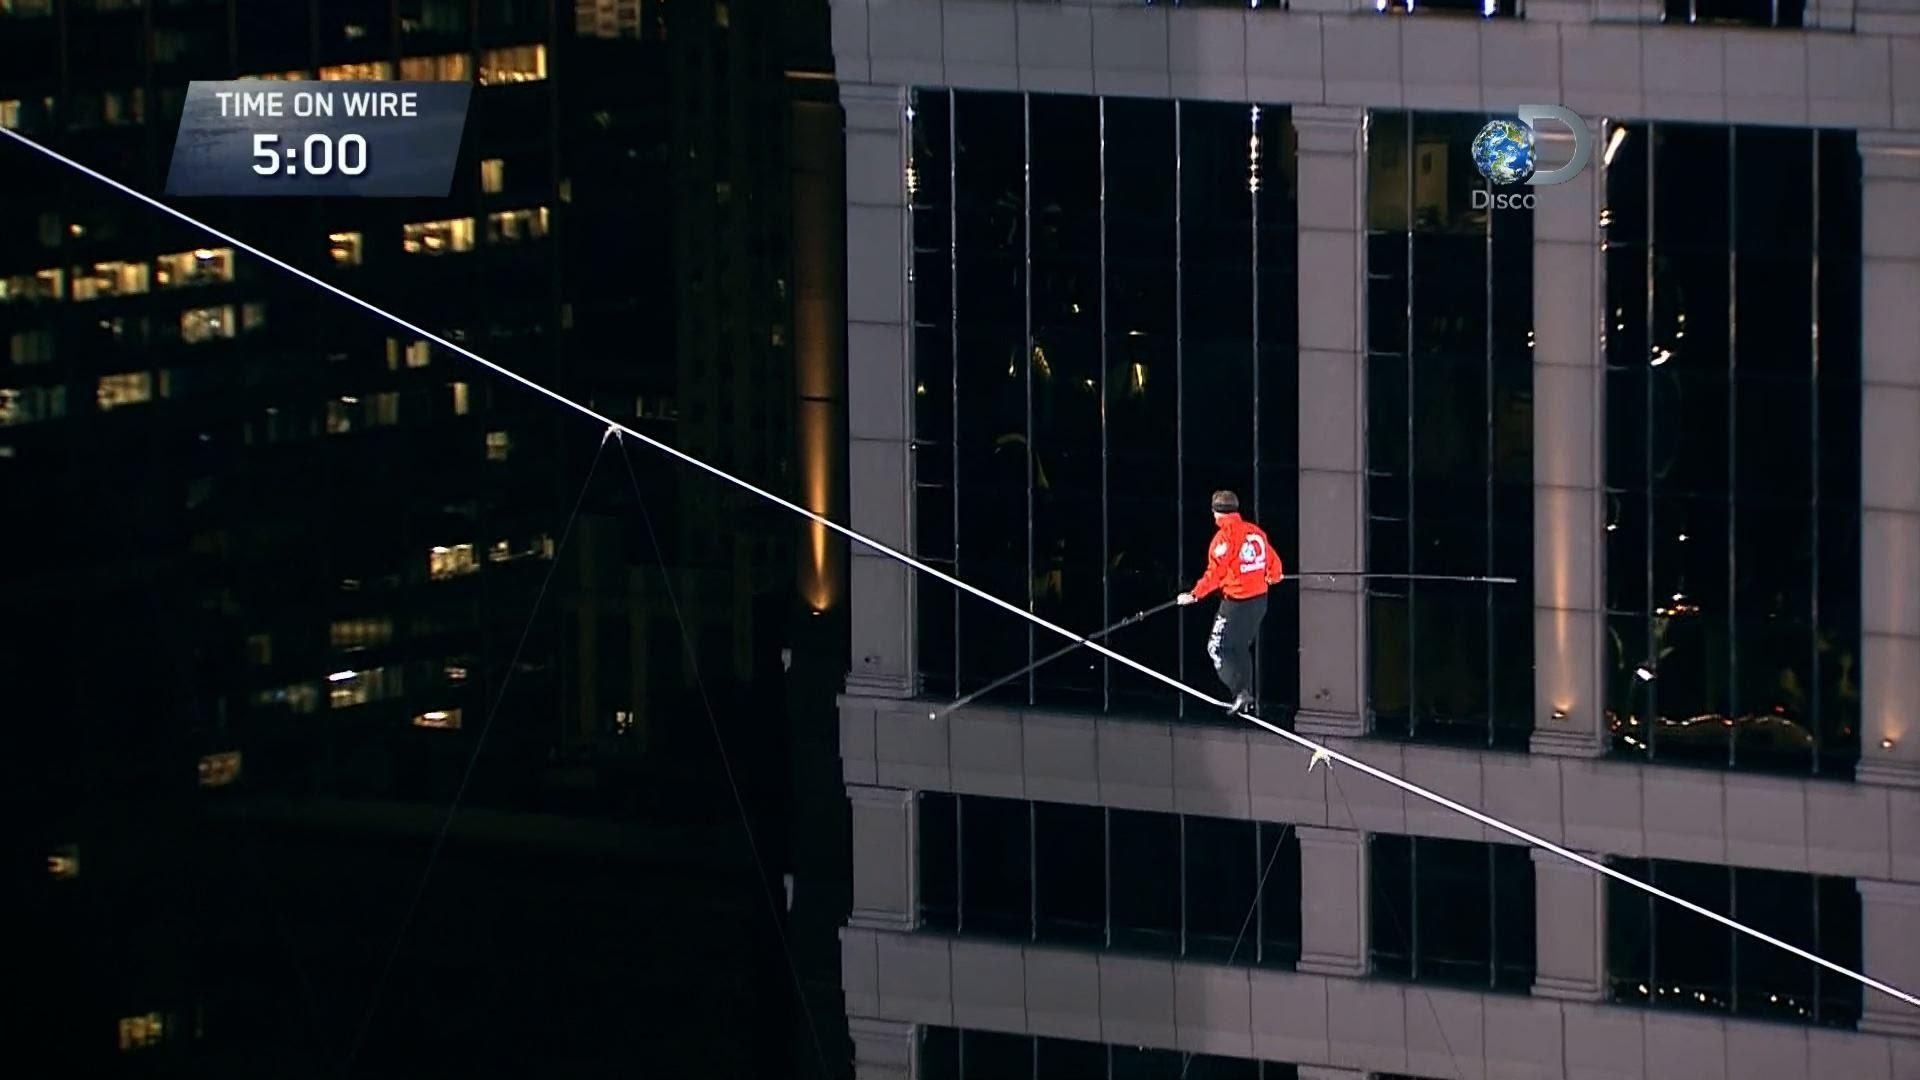 見てるだけで眩暈がしそうな命綱なしの高層ビル綱渡り動画